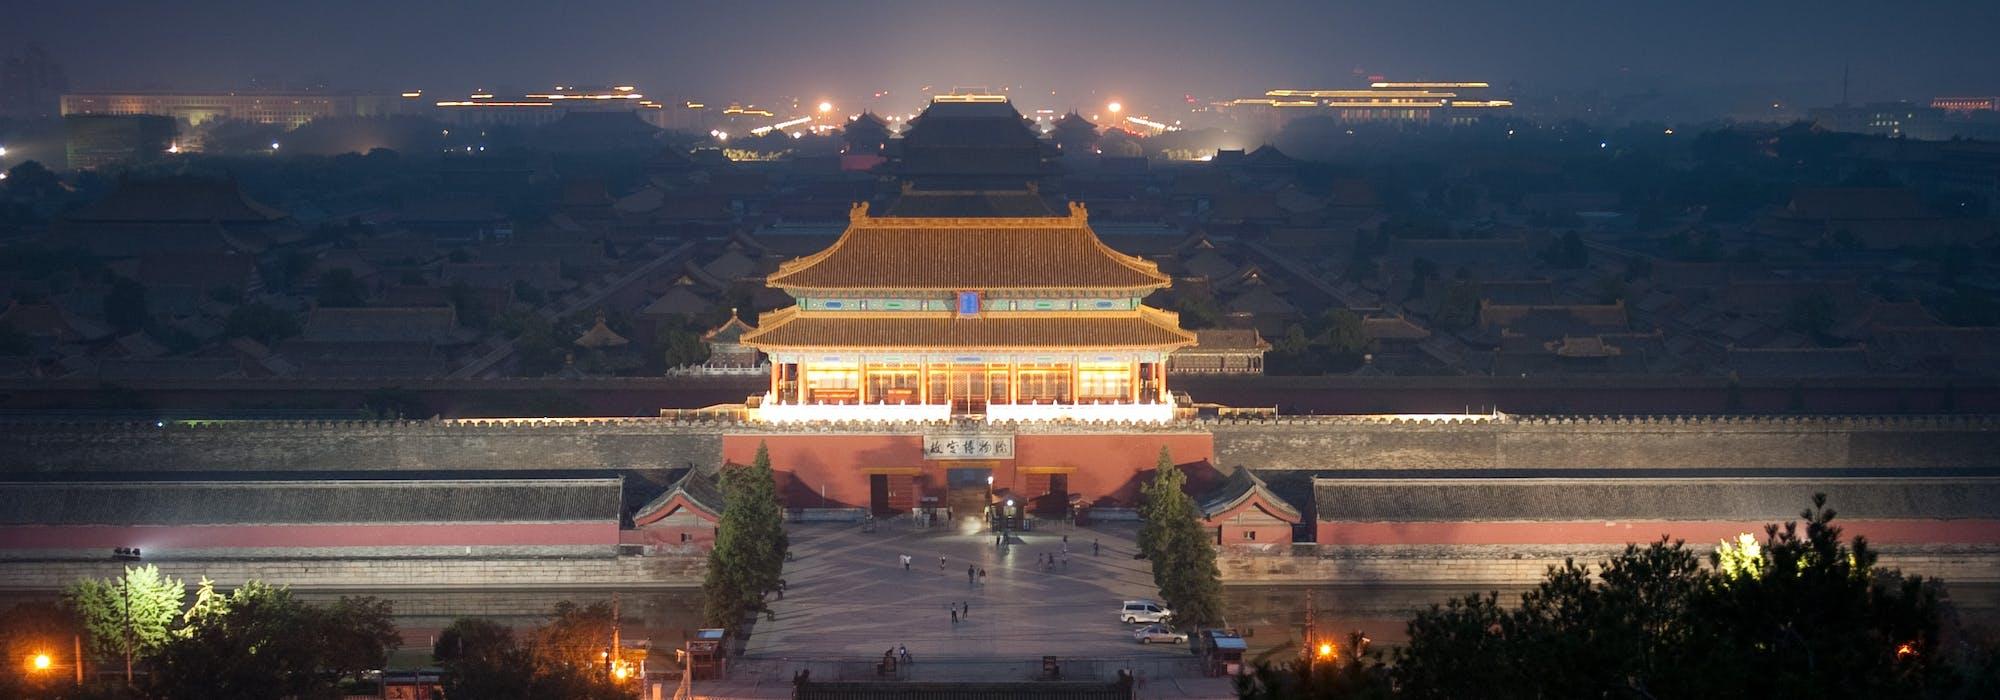 Bild på den förbjudna staden i Peking tagen uppifrån med det ståtliga palatset upplyst i kvällsljuset.